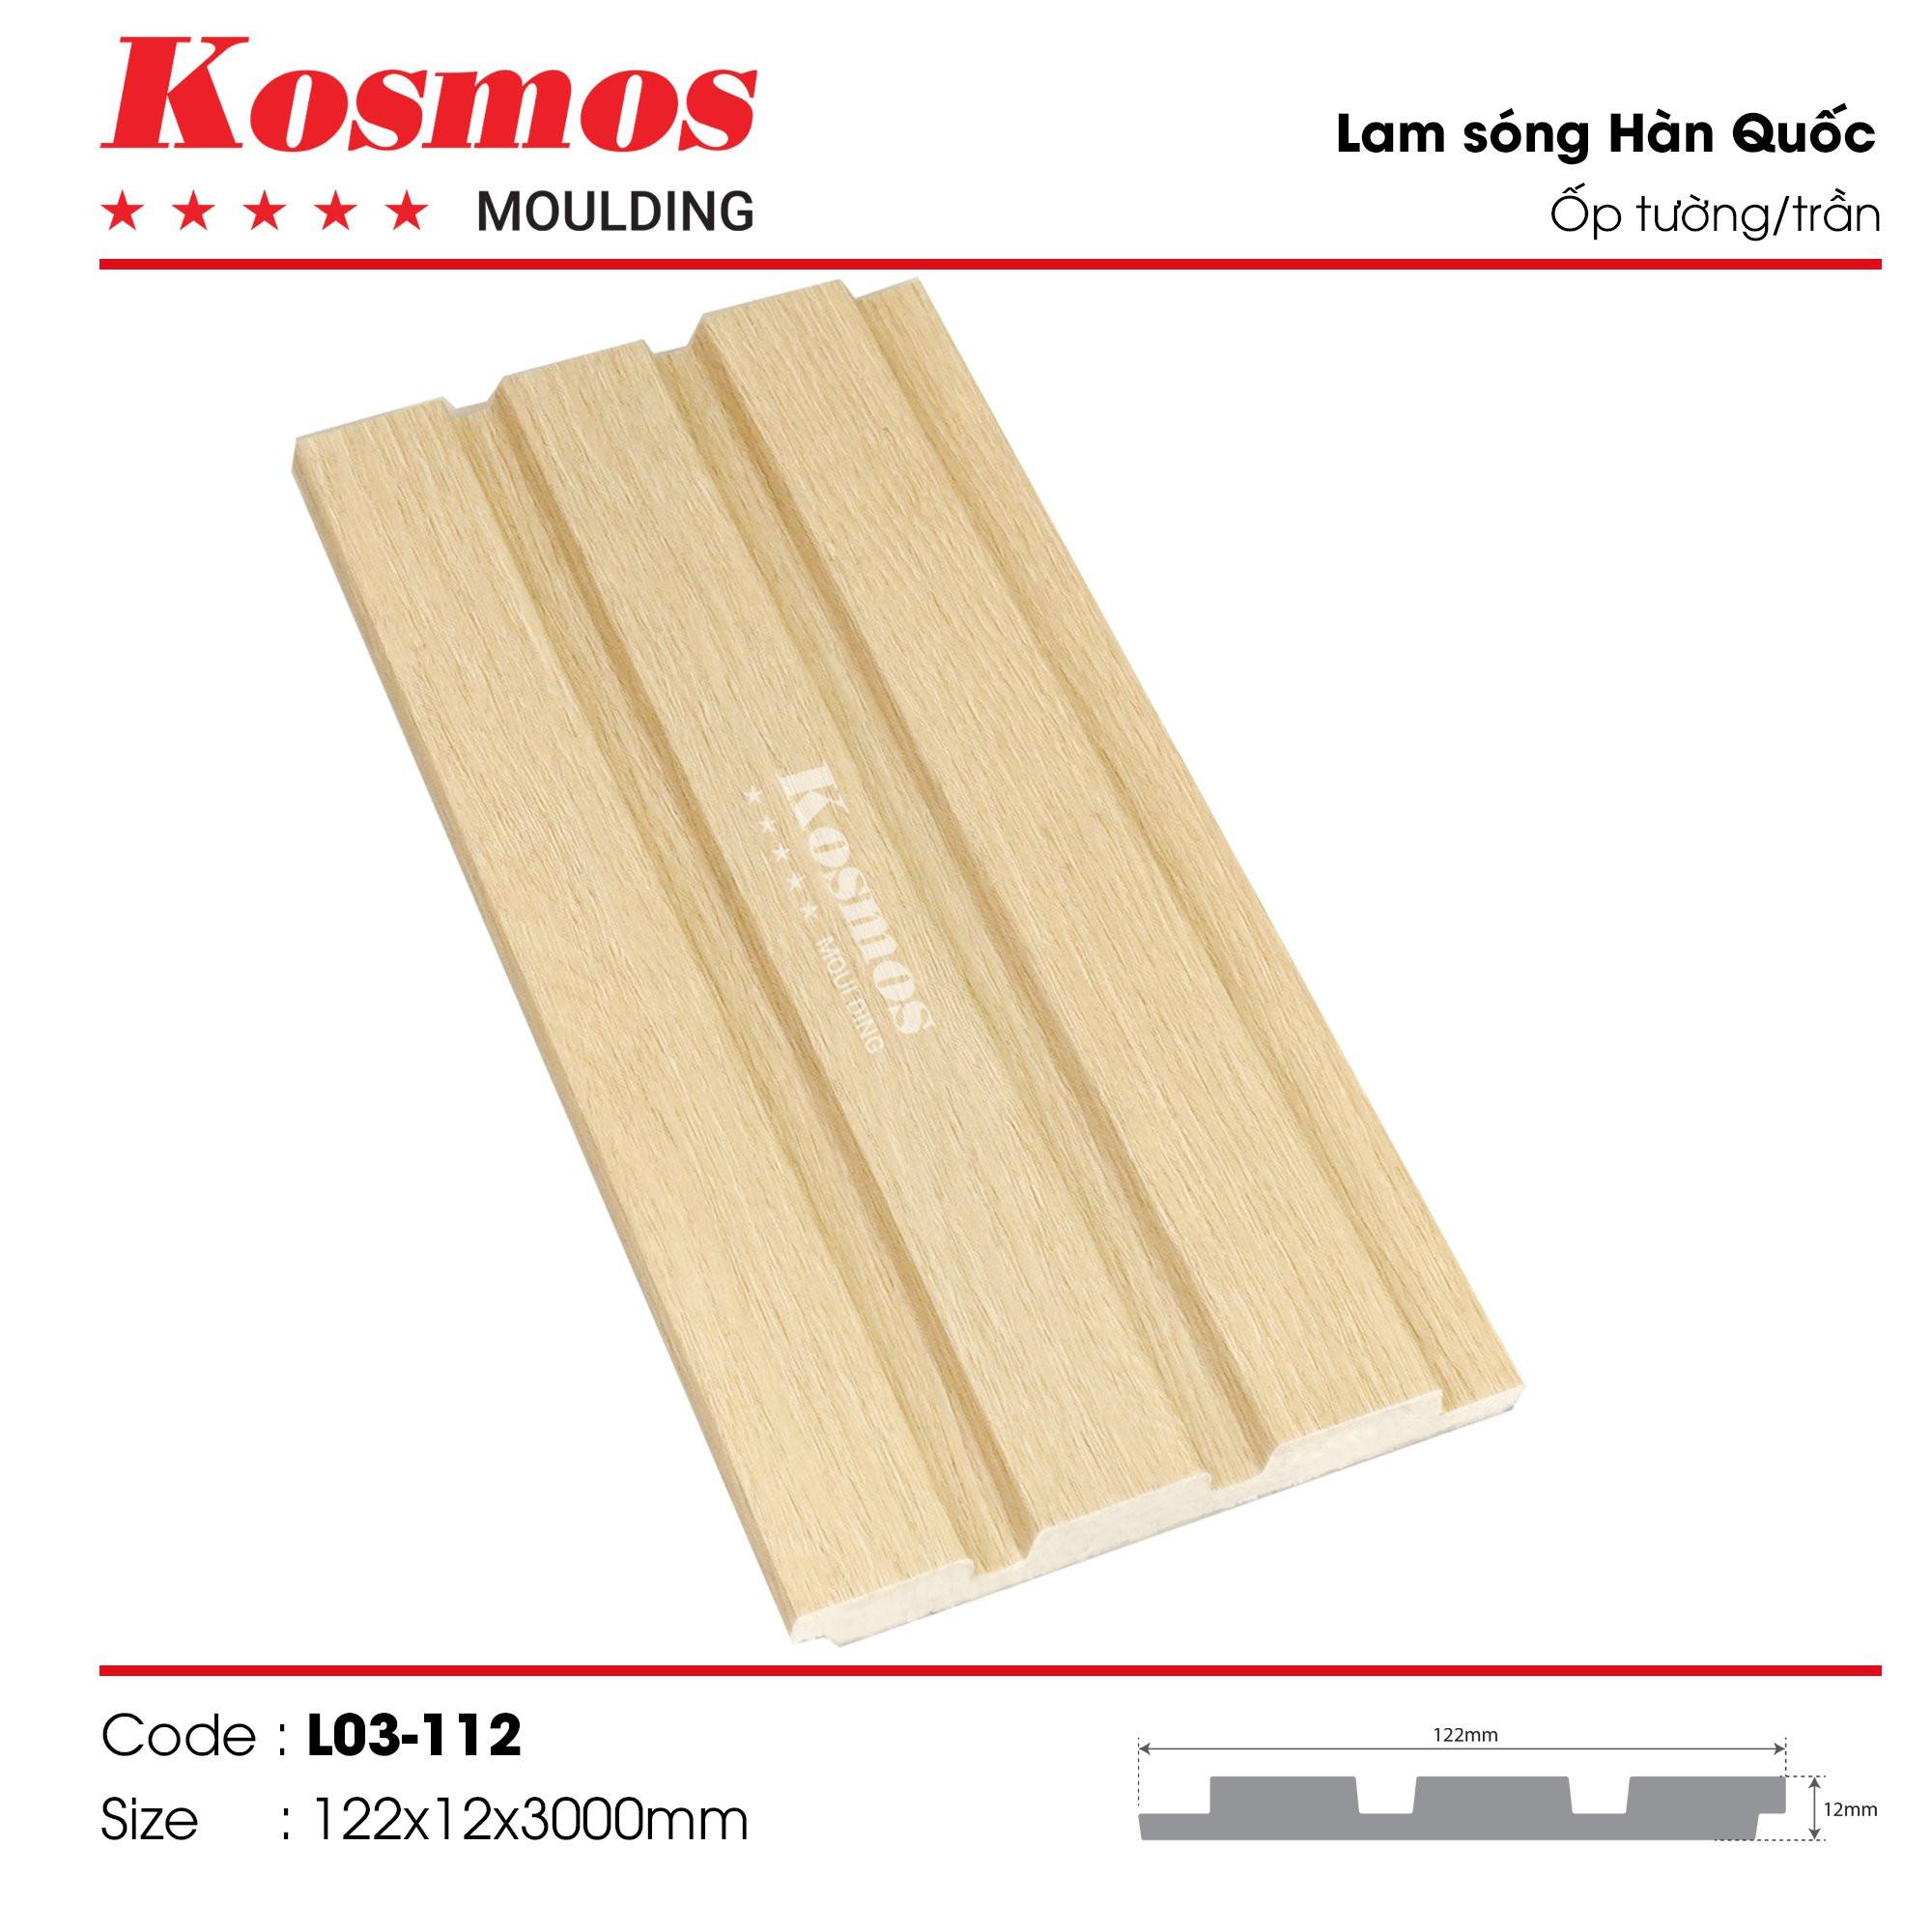 LAM SÓNG KOSMOS MOULDING LO3-112